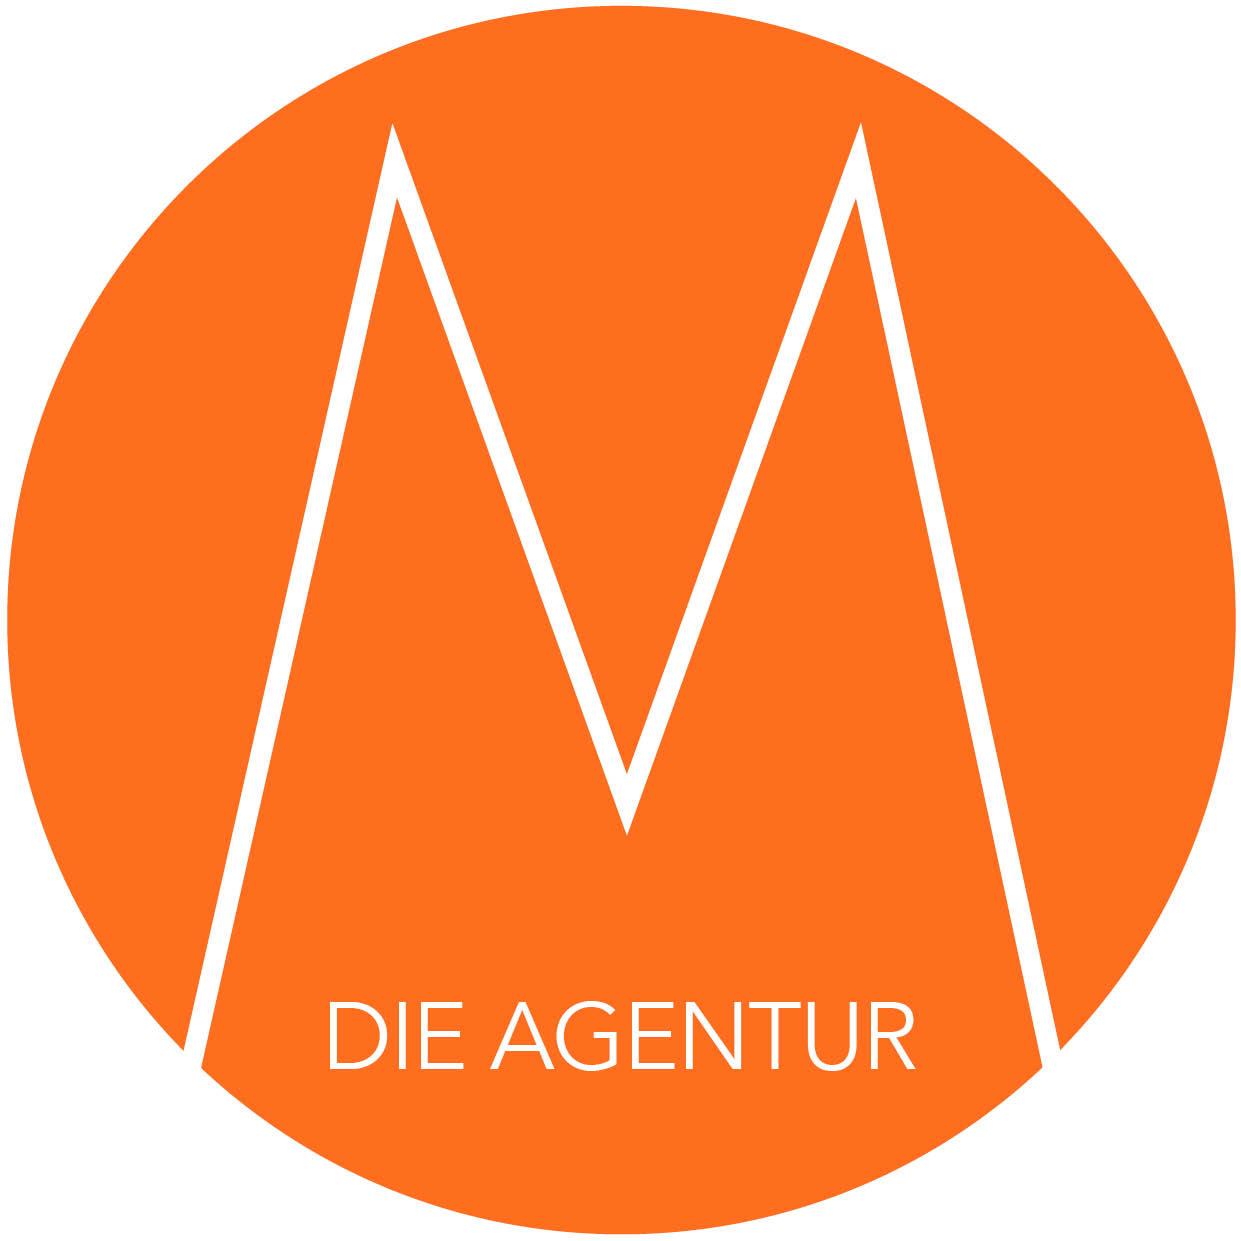 Logo m dieagentur